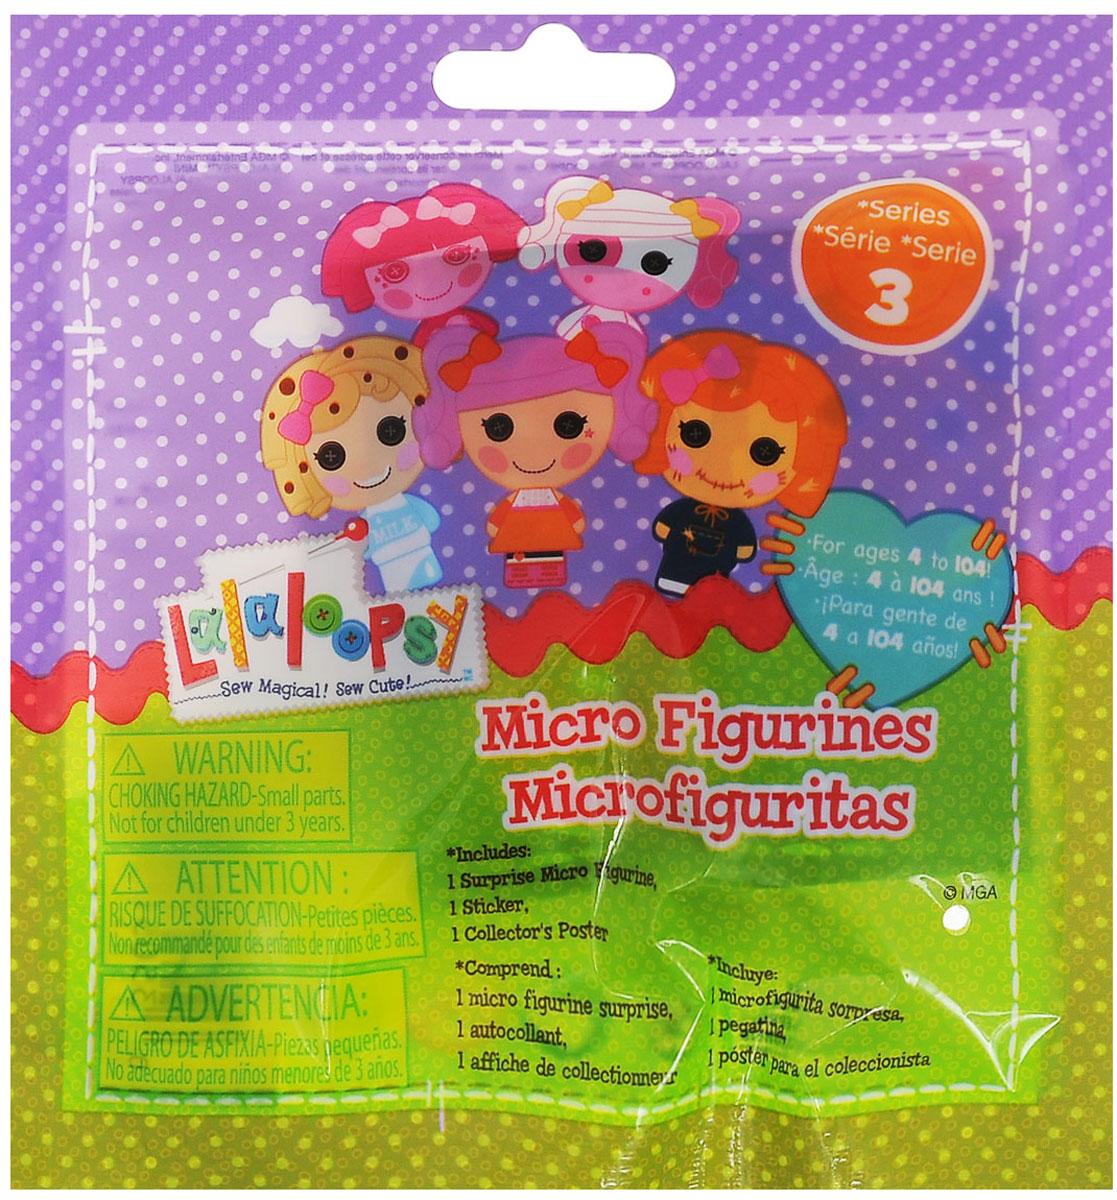 Lalaloopsy Игрушка-сюрприз, фигурка коллекционная, 4 см516781Если вы коллекционируете забавных куколок Lalaloopsy, то непременно захотите пополнить собрание маленькими фигурками. Особенно эти малютки нравятся девочкам, ведь такую куколку можно взять с собой куда угодно, она поместится в любой карман (размер игрушки всего 4 сантиметра). Фигурка коллекционная Lalaloopsy - маленький шедевр от компании MGA Entertainment (США), причем каждая куколка совершенно не похожа на других, все они уникальные по своему дизайну. Есть даже такие фигурки, которые ребенок должен раскрасить самостоятельно! Самое интересное, что выбирать фигурку нельзя, каждая куколка Лалалупси поставляется в закрытом пакетике. Это значит, что каждый раз при покупке любителя этого бренда будет ожидать приятный сюрприз! В коллекции 12 персонажей: 1. Milk & Cookies (Pillow Featherbed) 2. Peanut Big Top 3. Tippy Tumblelina 4. Scarecrow (Sunny Side Up) 5. Jewel Sparkles 6. Blue (Mittens Fluff N Stuff) 7. Night Sky (Dot...